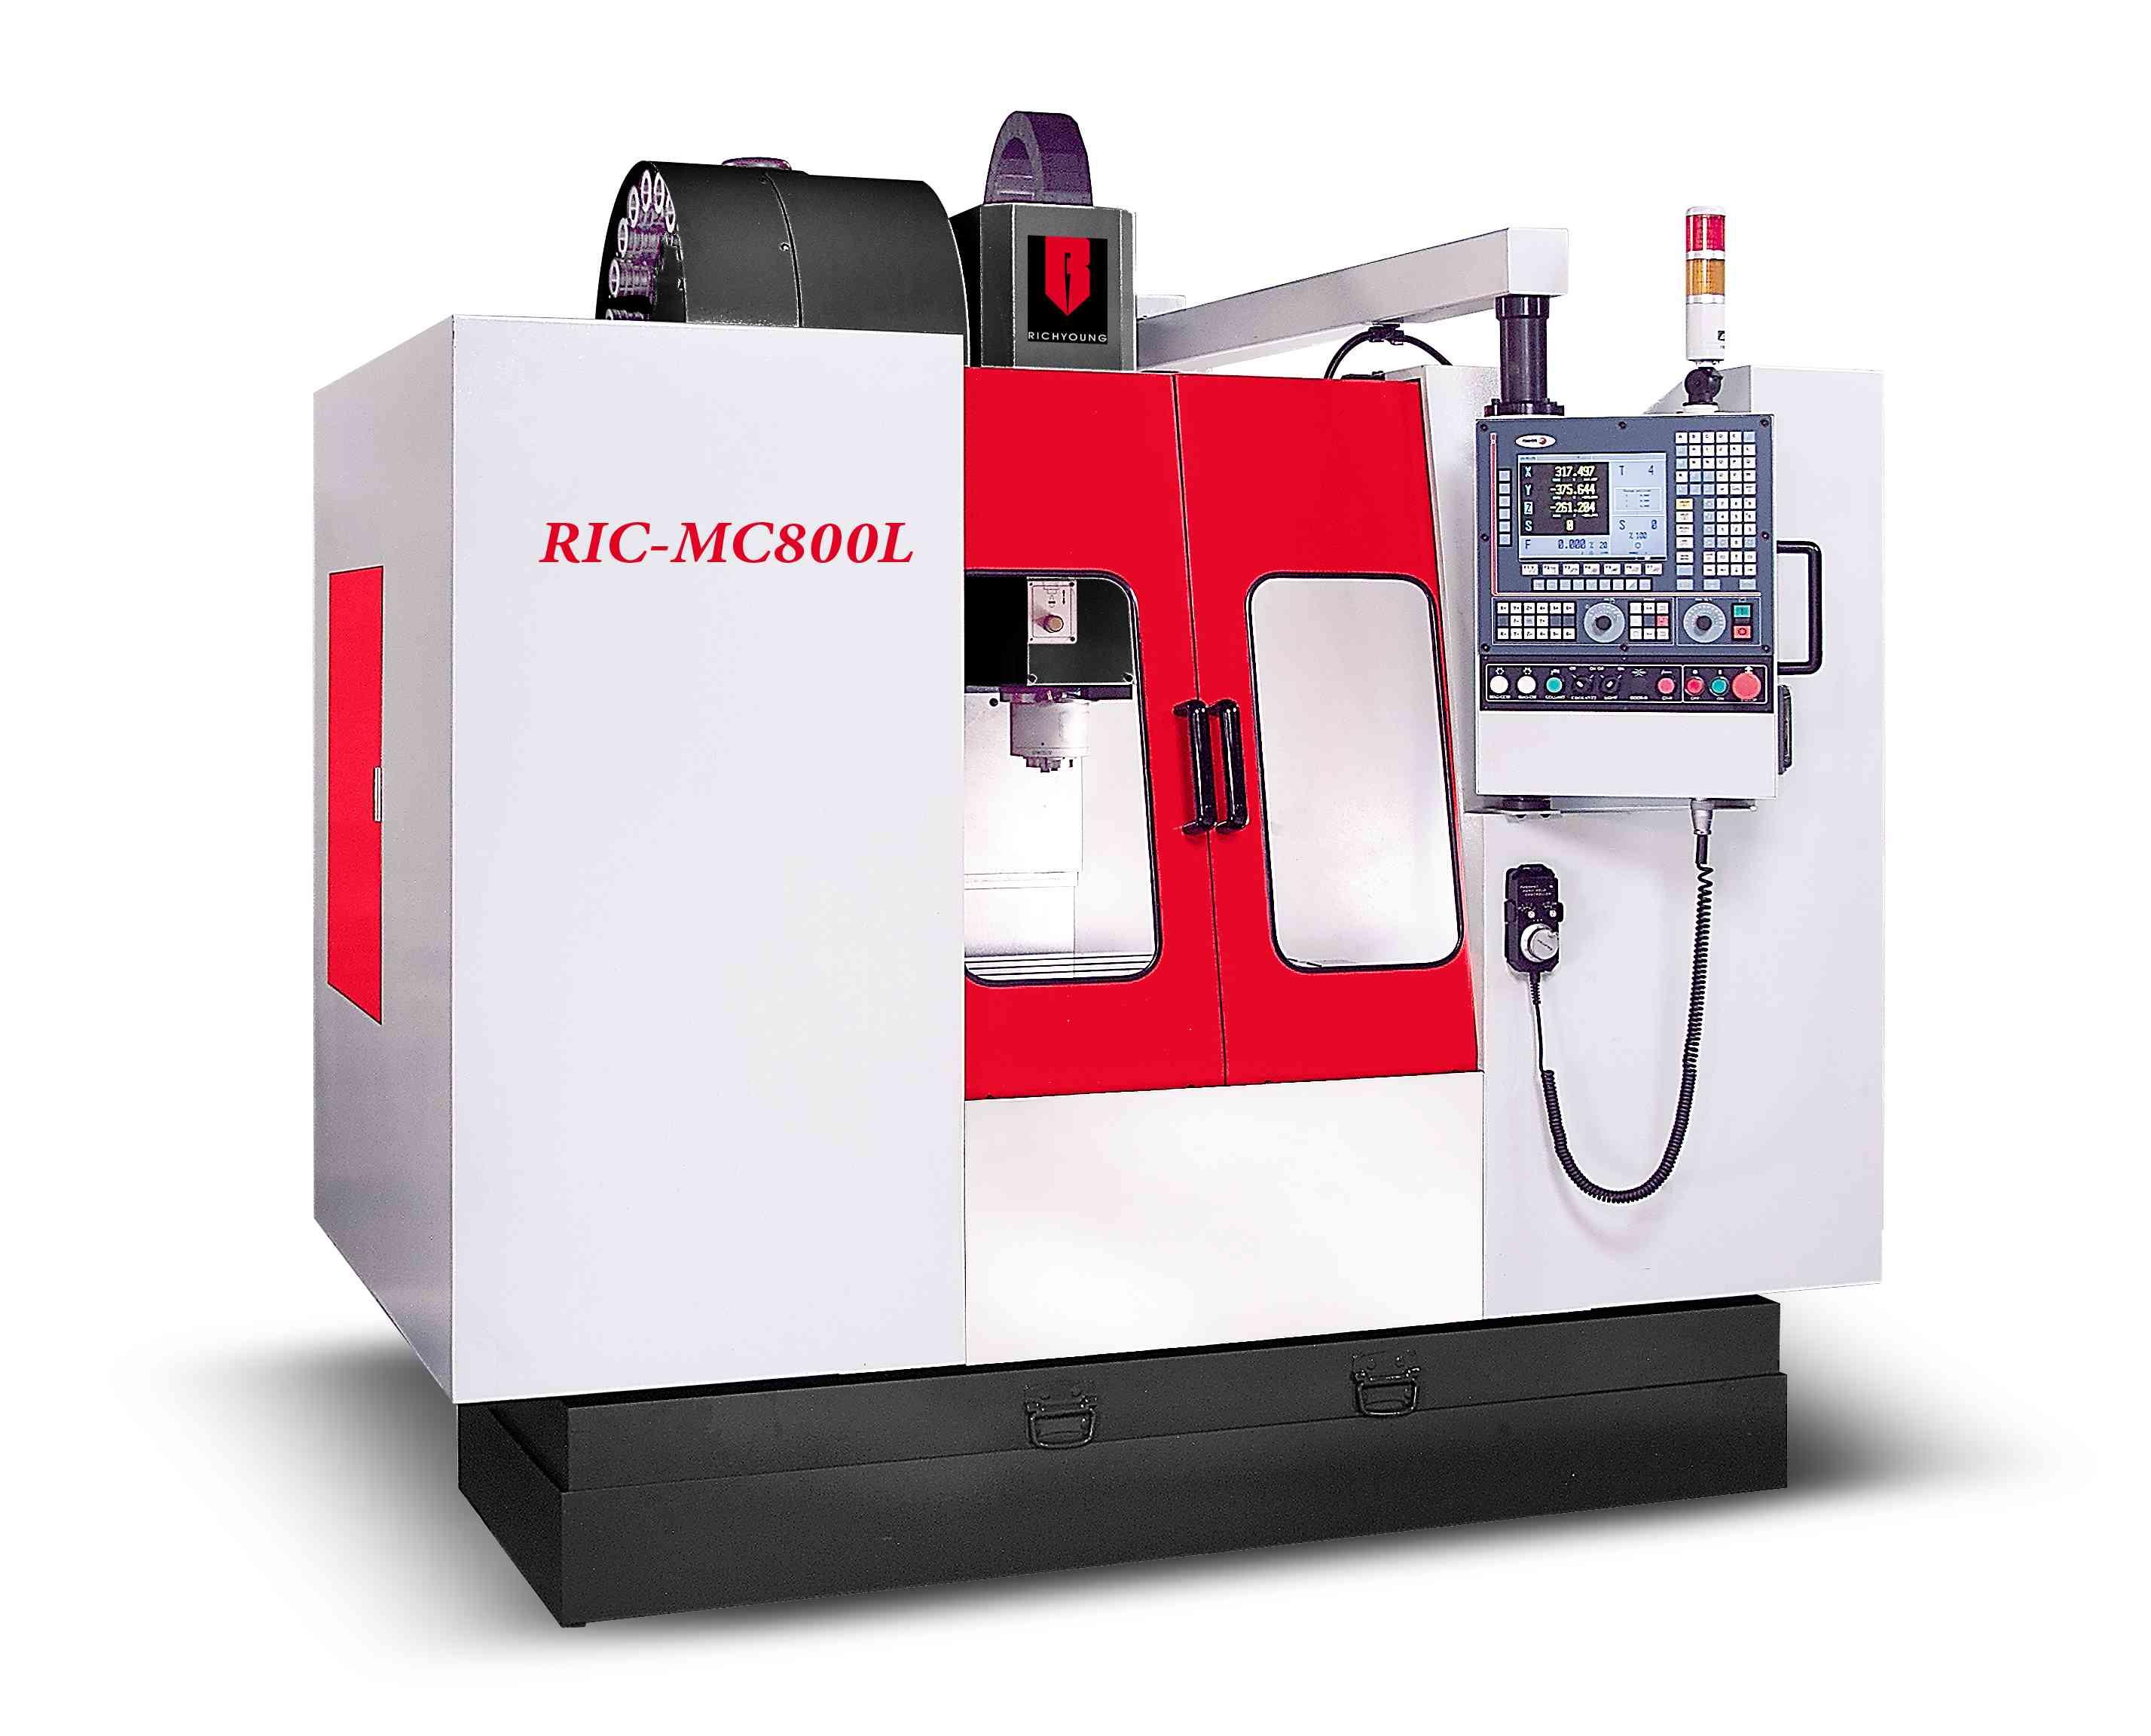 ric-mc800l-RI